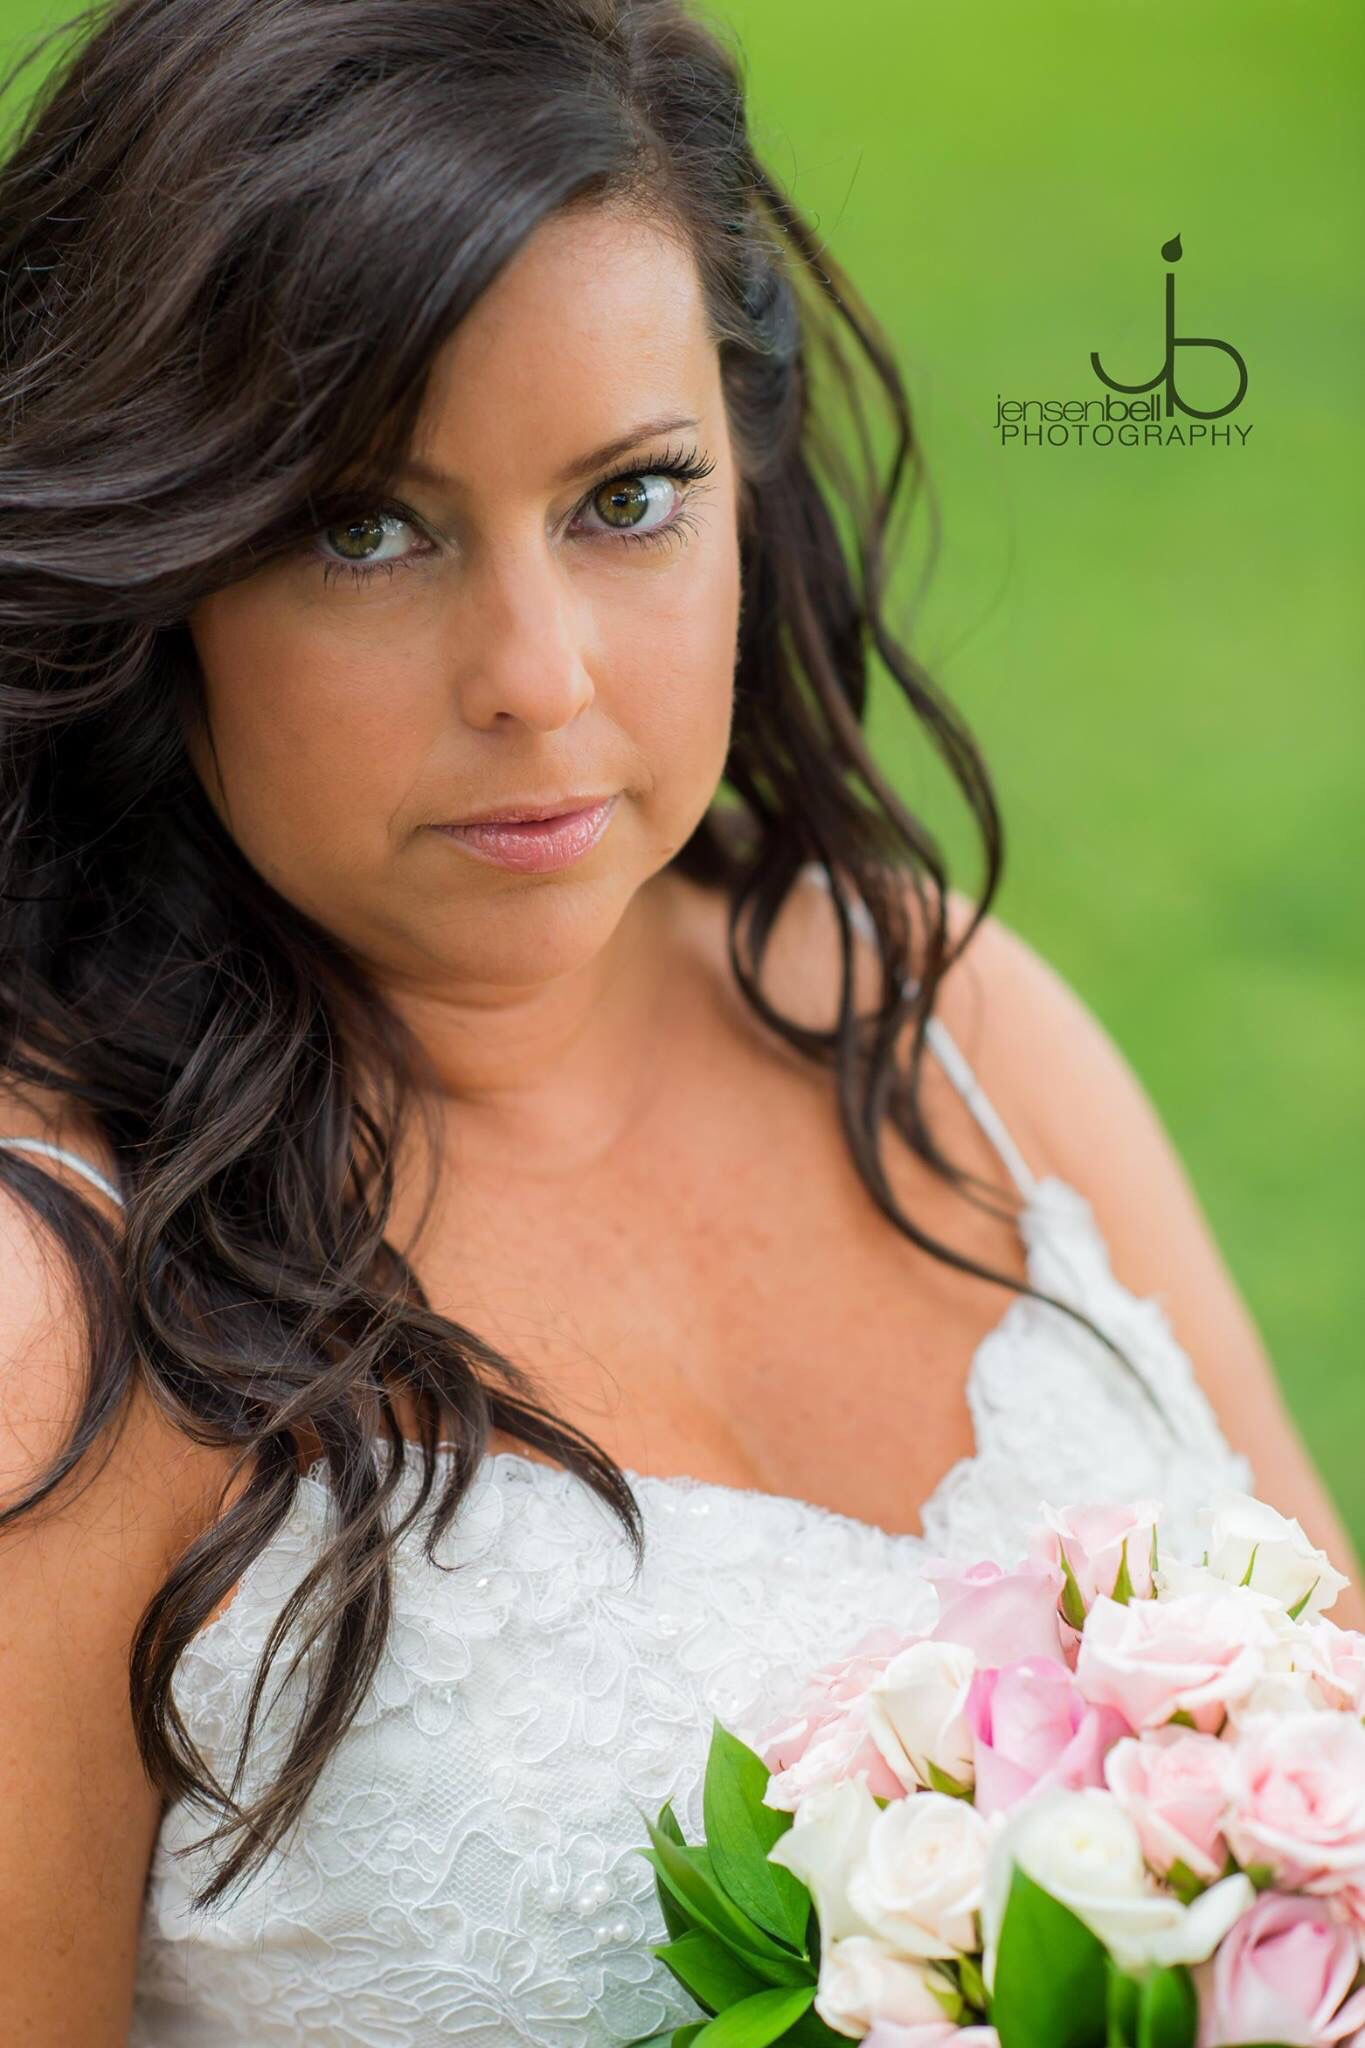 www.jensenbellphotography.com